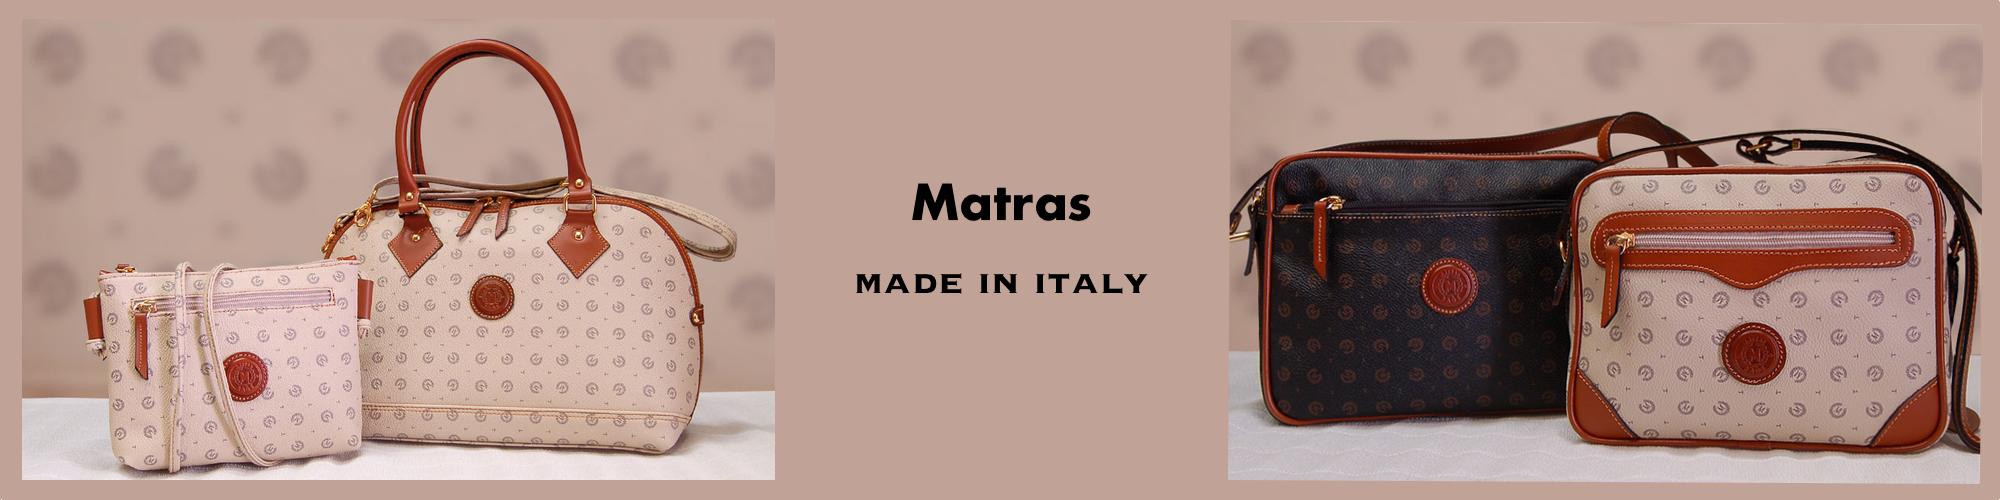 Matras